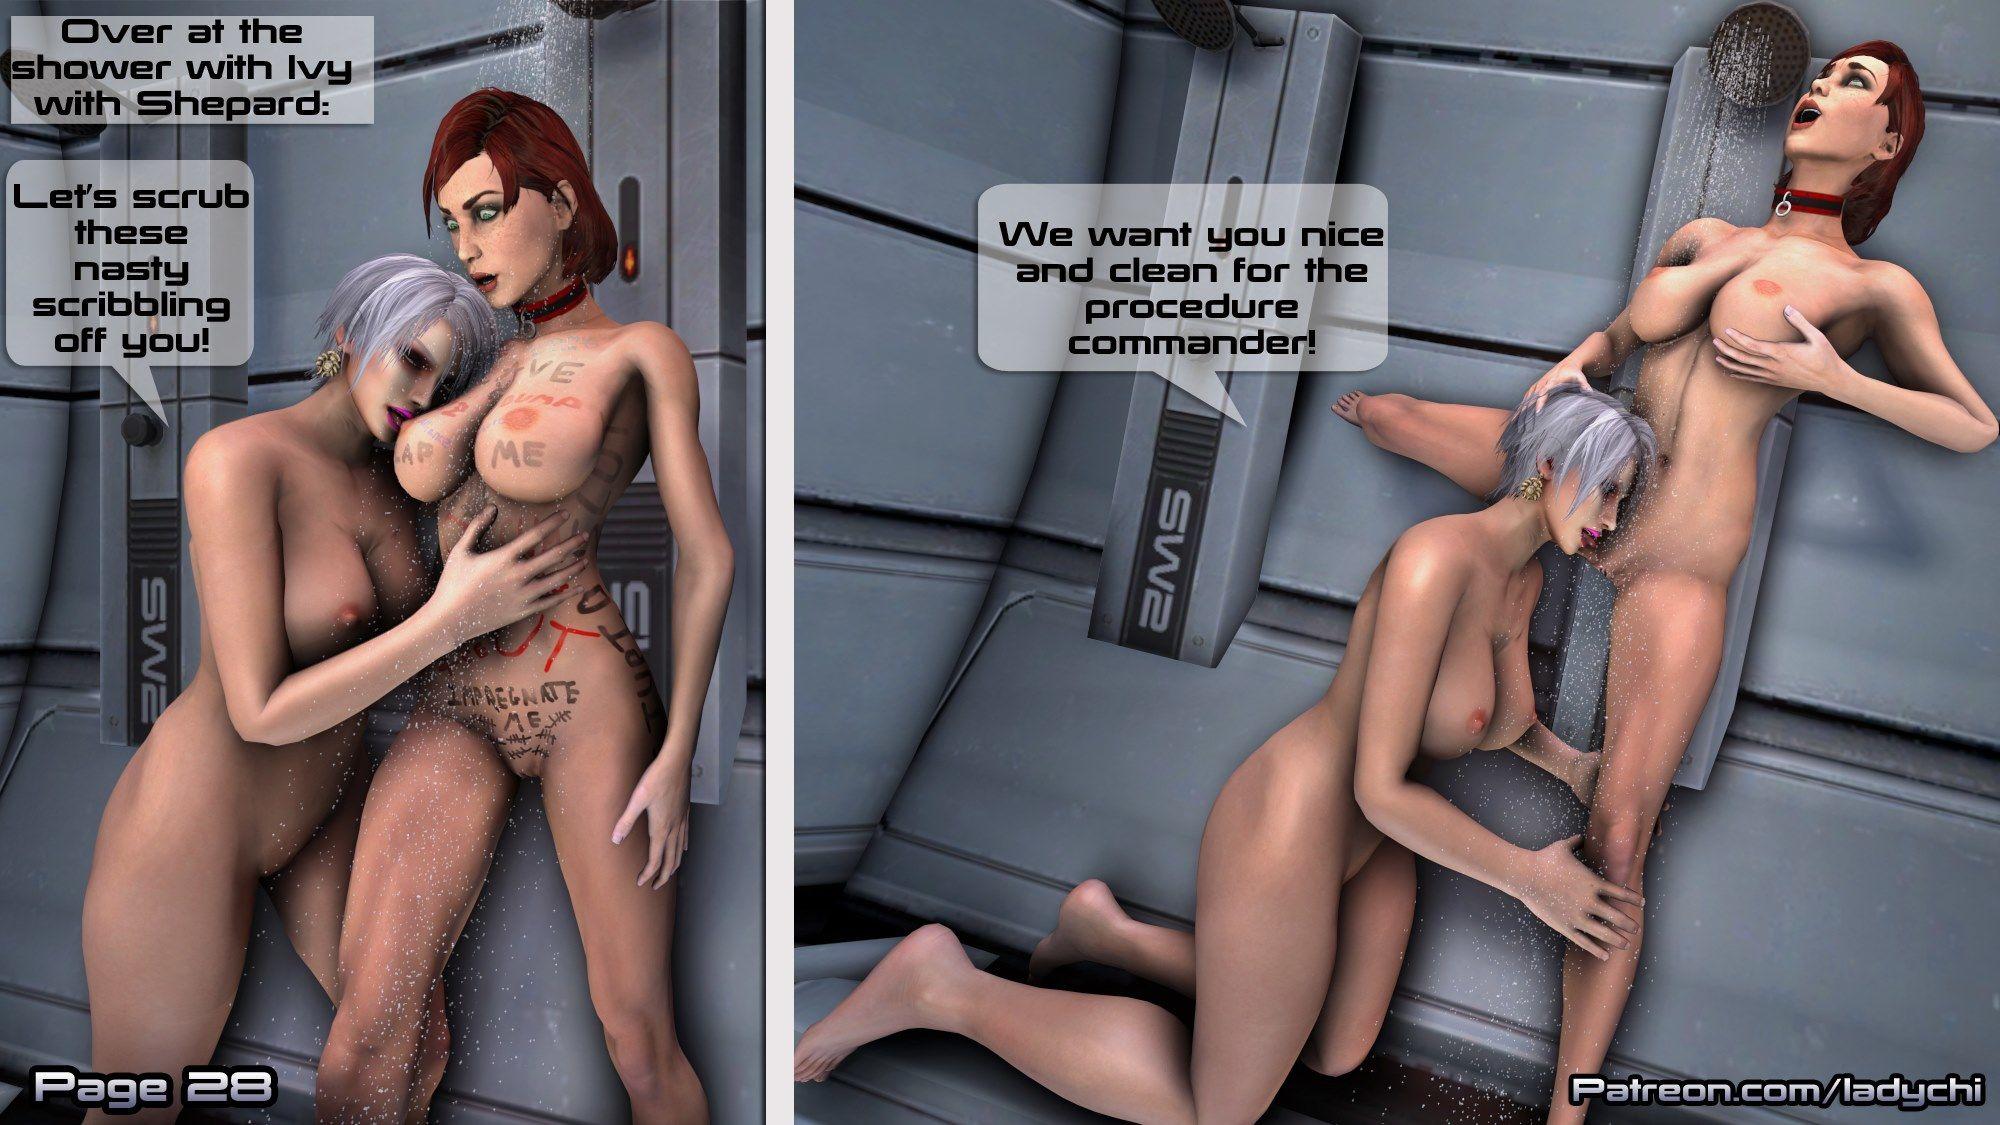 Liara_X-Mass_Gifts!_Ladychi_(Mass_Effect) comix_58041.jpg